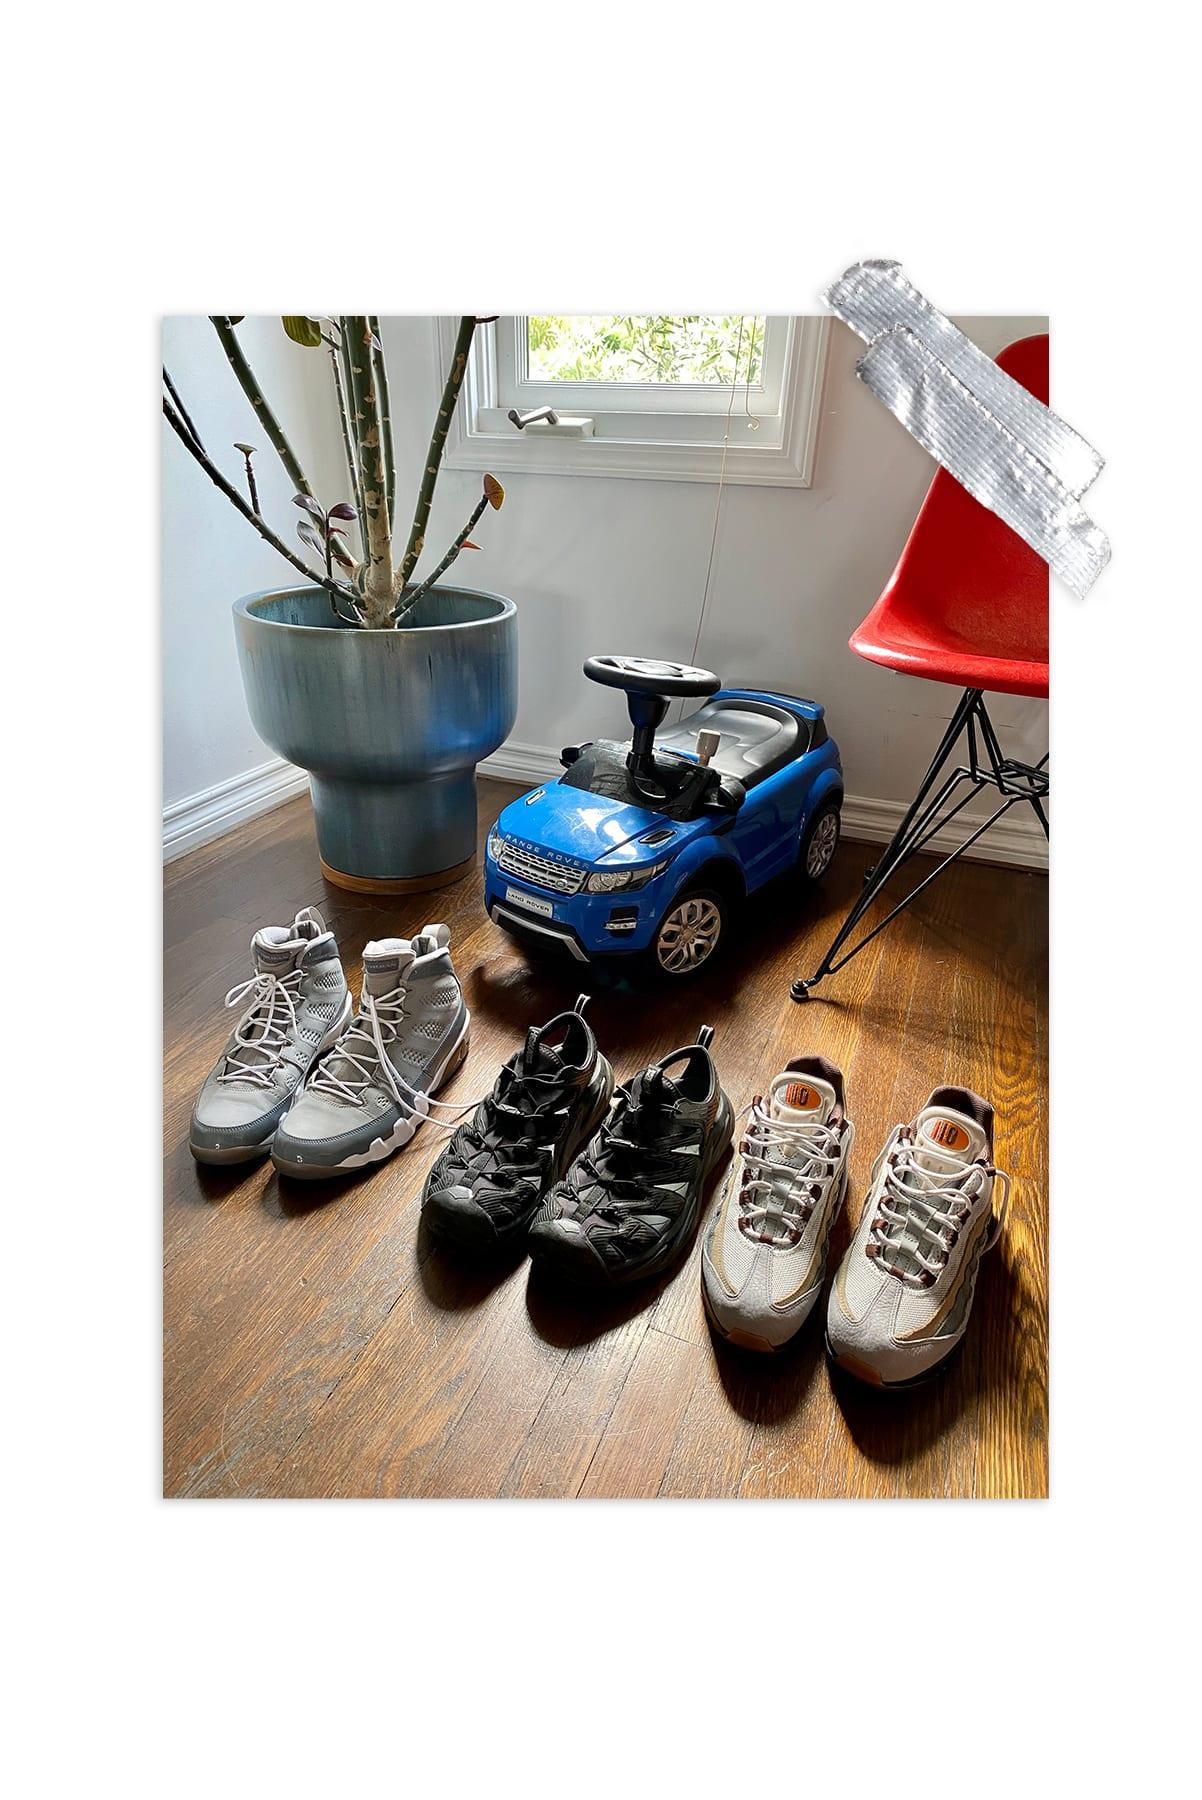 SELF ISOLATION .06 | Jason Angsuvarn @ Jason Markk - Self Isolation Sneaker Rotation